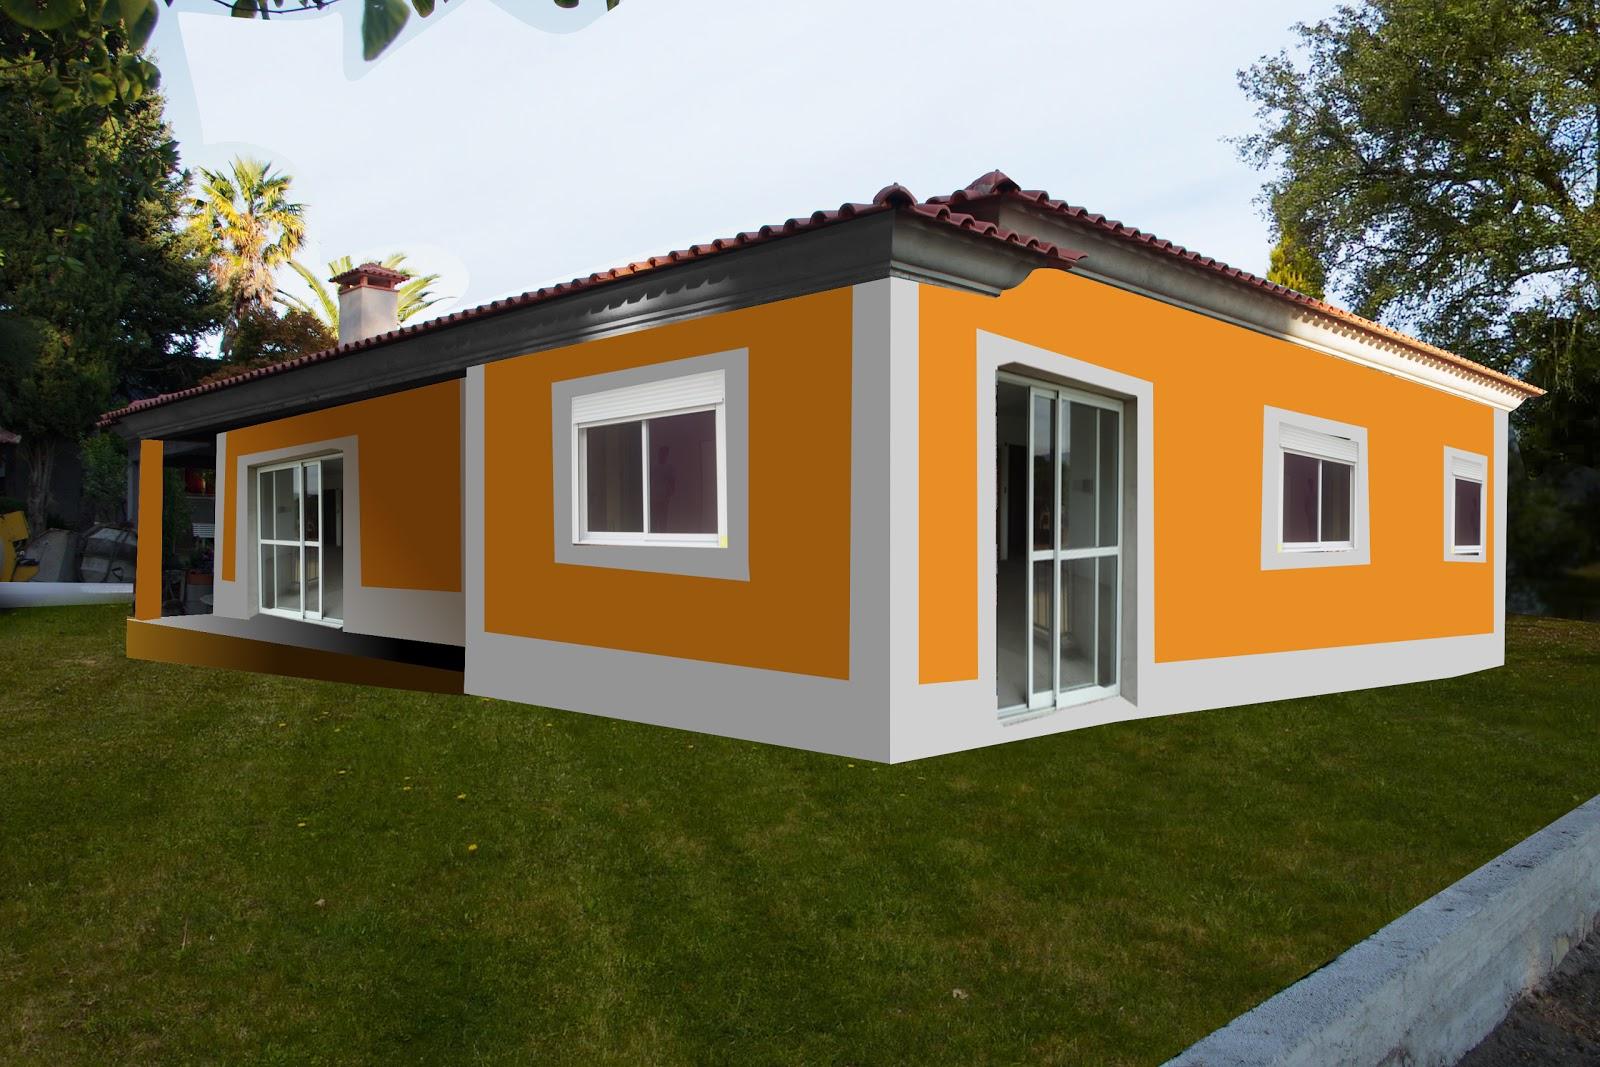 di rio da nossa casa pintura exterior proyecto On colores para pintar una casa exterior